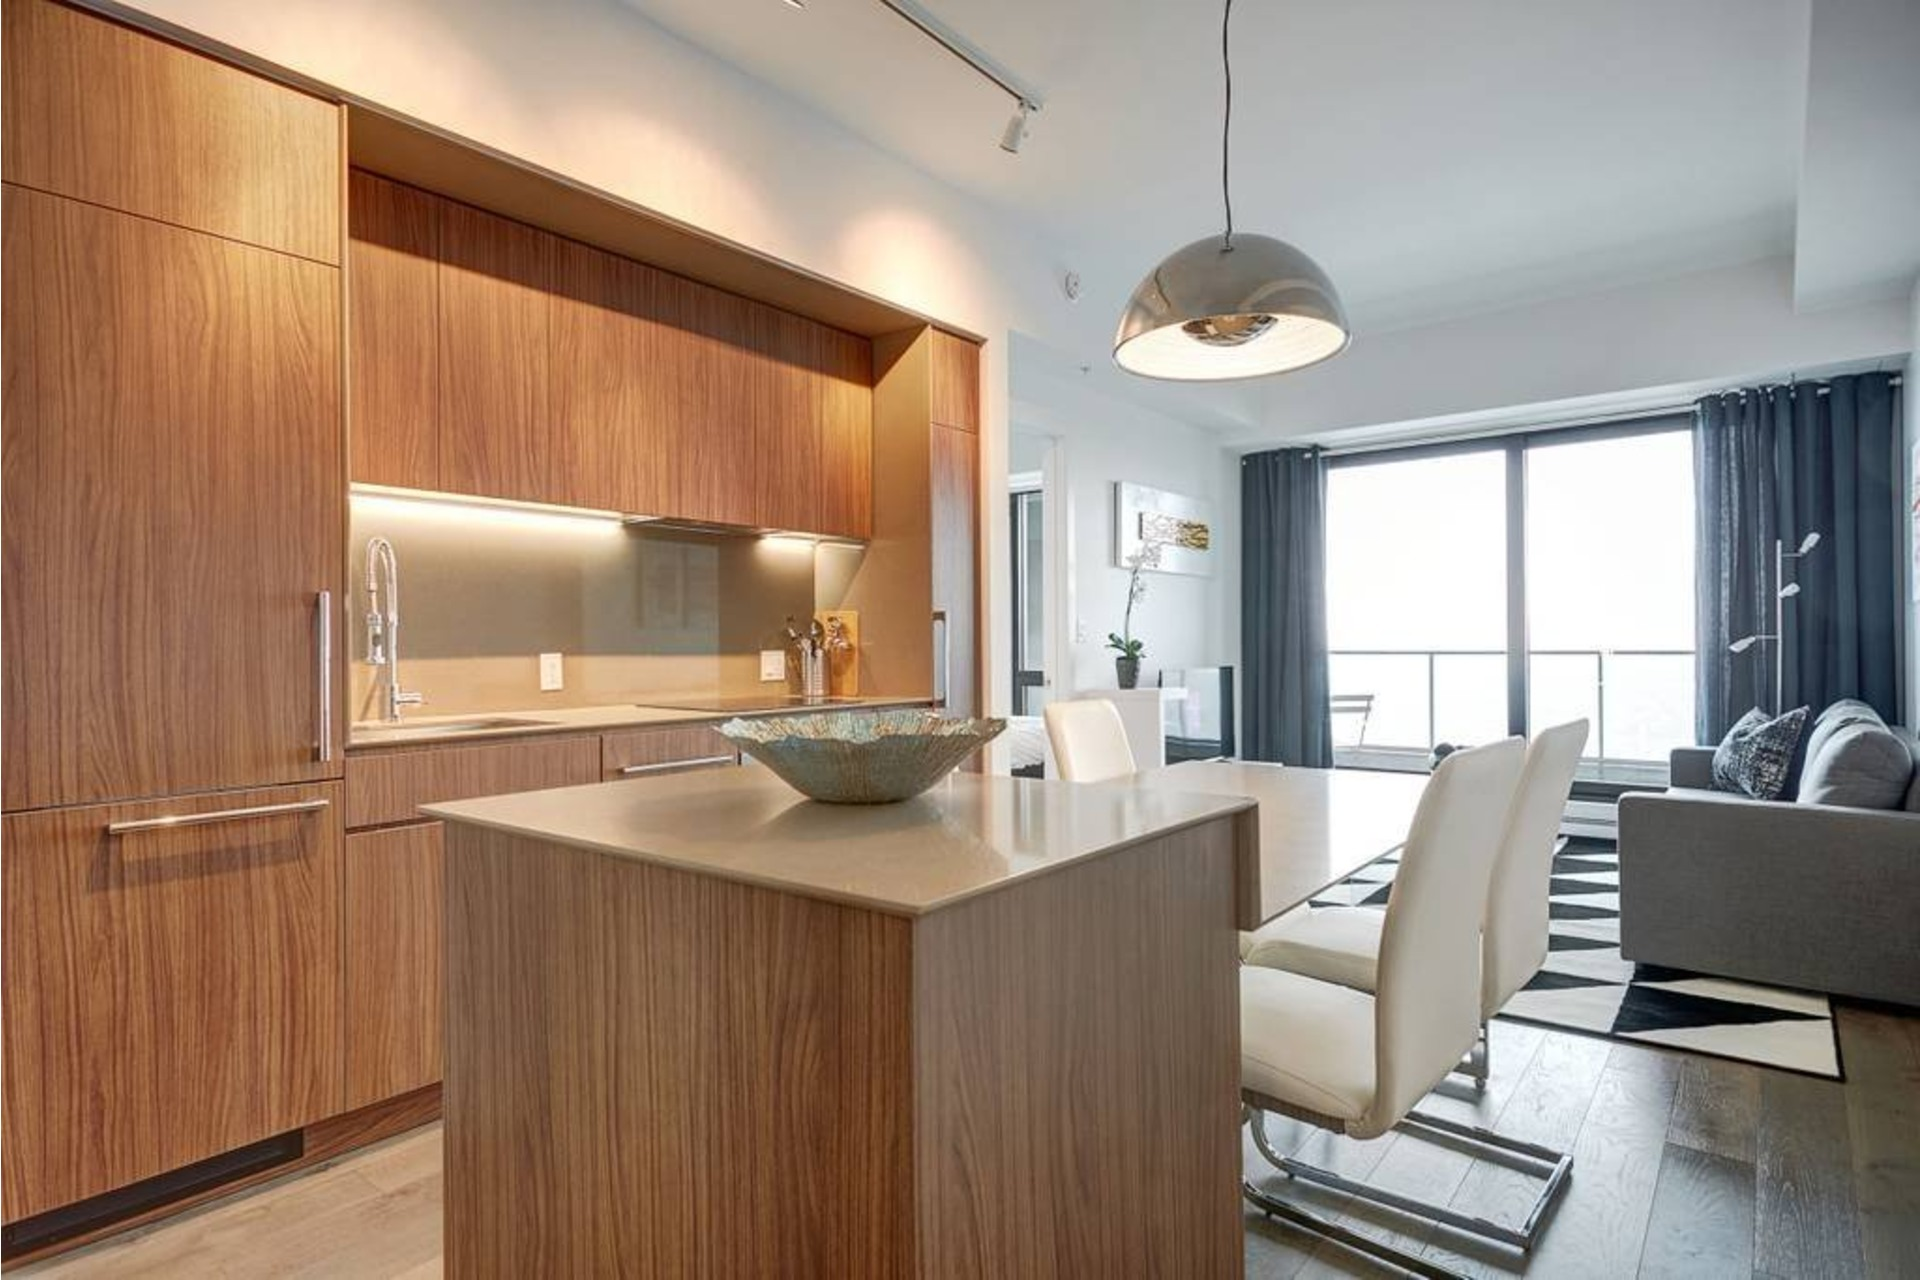 image 0 - Appartement À louer Ville-Marie Montréal  - 4 pièces